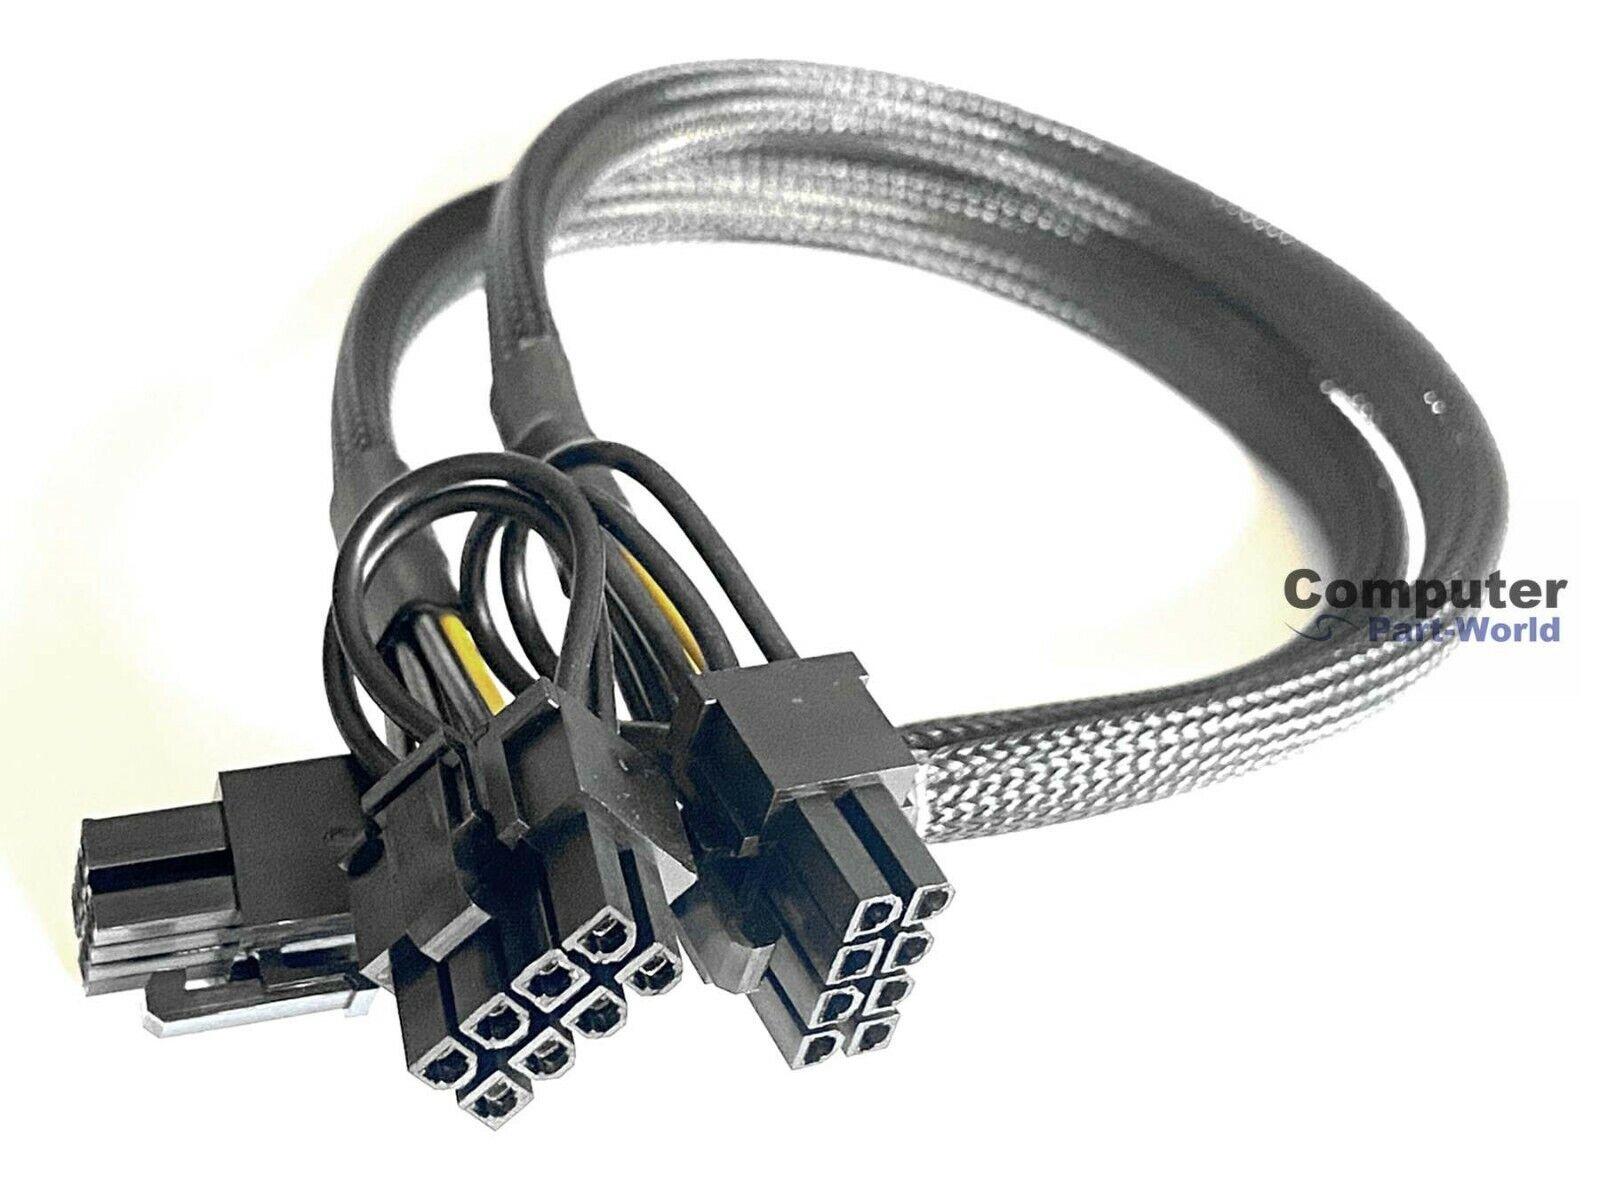 8+8pin PCI-E VGA Power Supply Cable for EVGA SuperNOVA 750 850 1000 1300 G+ 50cm